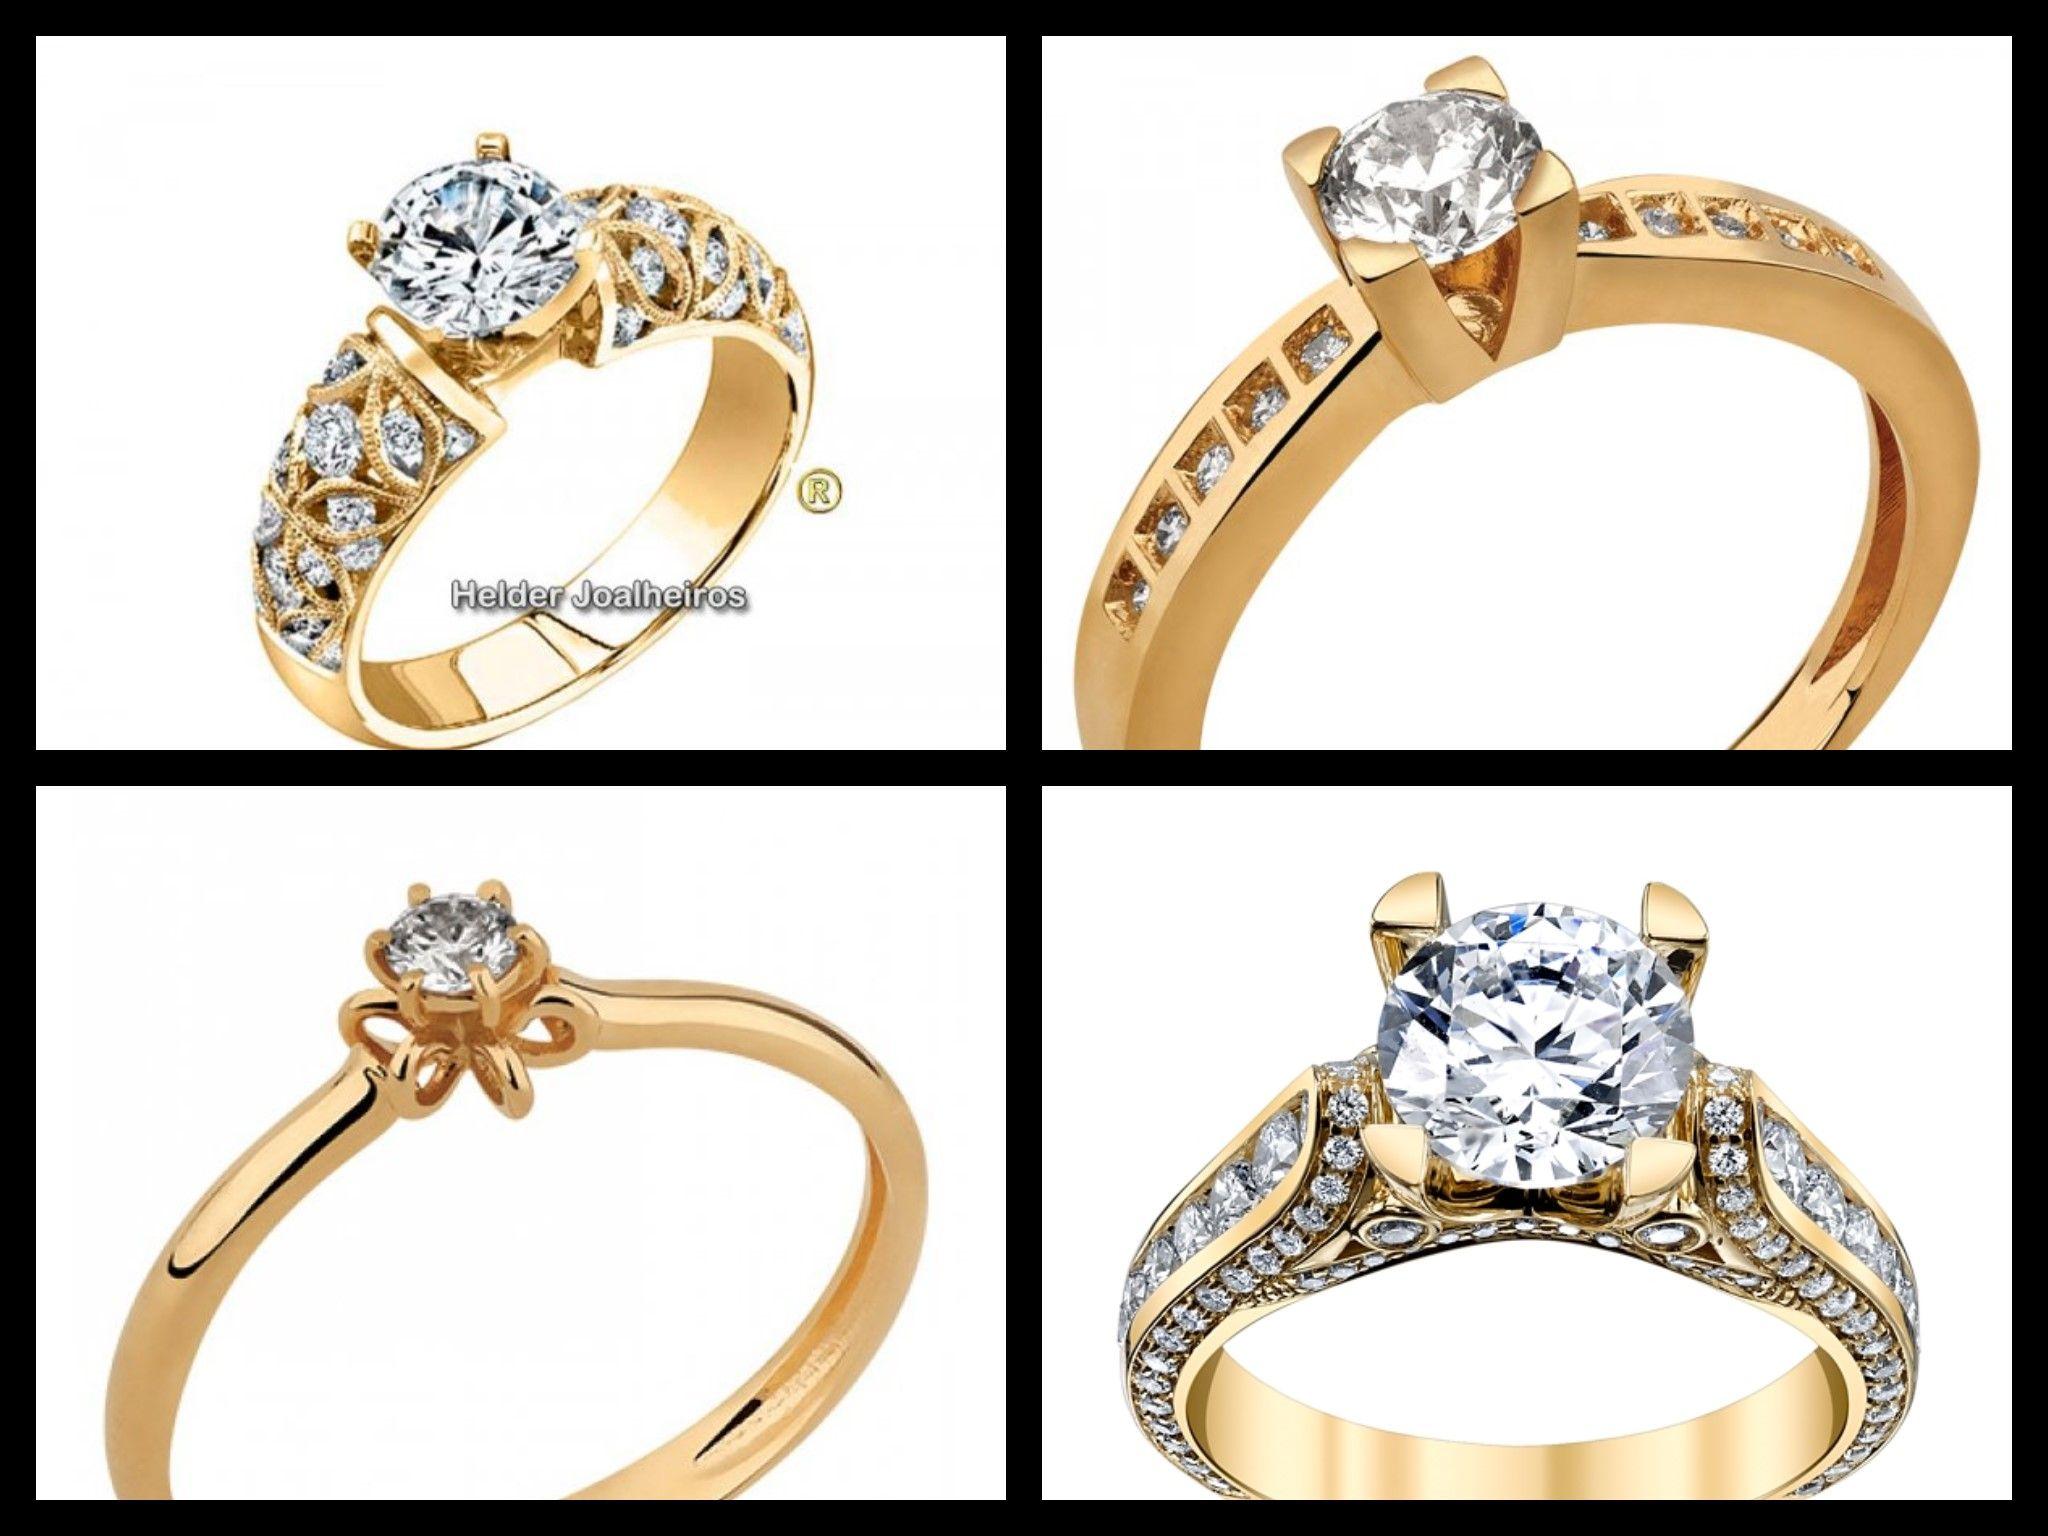 Modelos de Anéis para Debutantes Todos Feitos com Ouro 18K 750 com  Diamantes ou Zircônia com c2d717ac6e